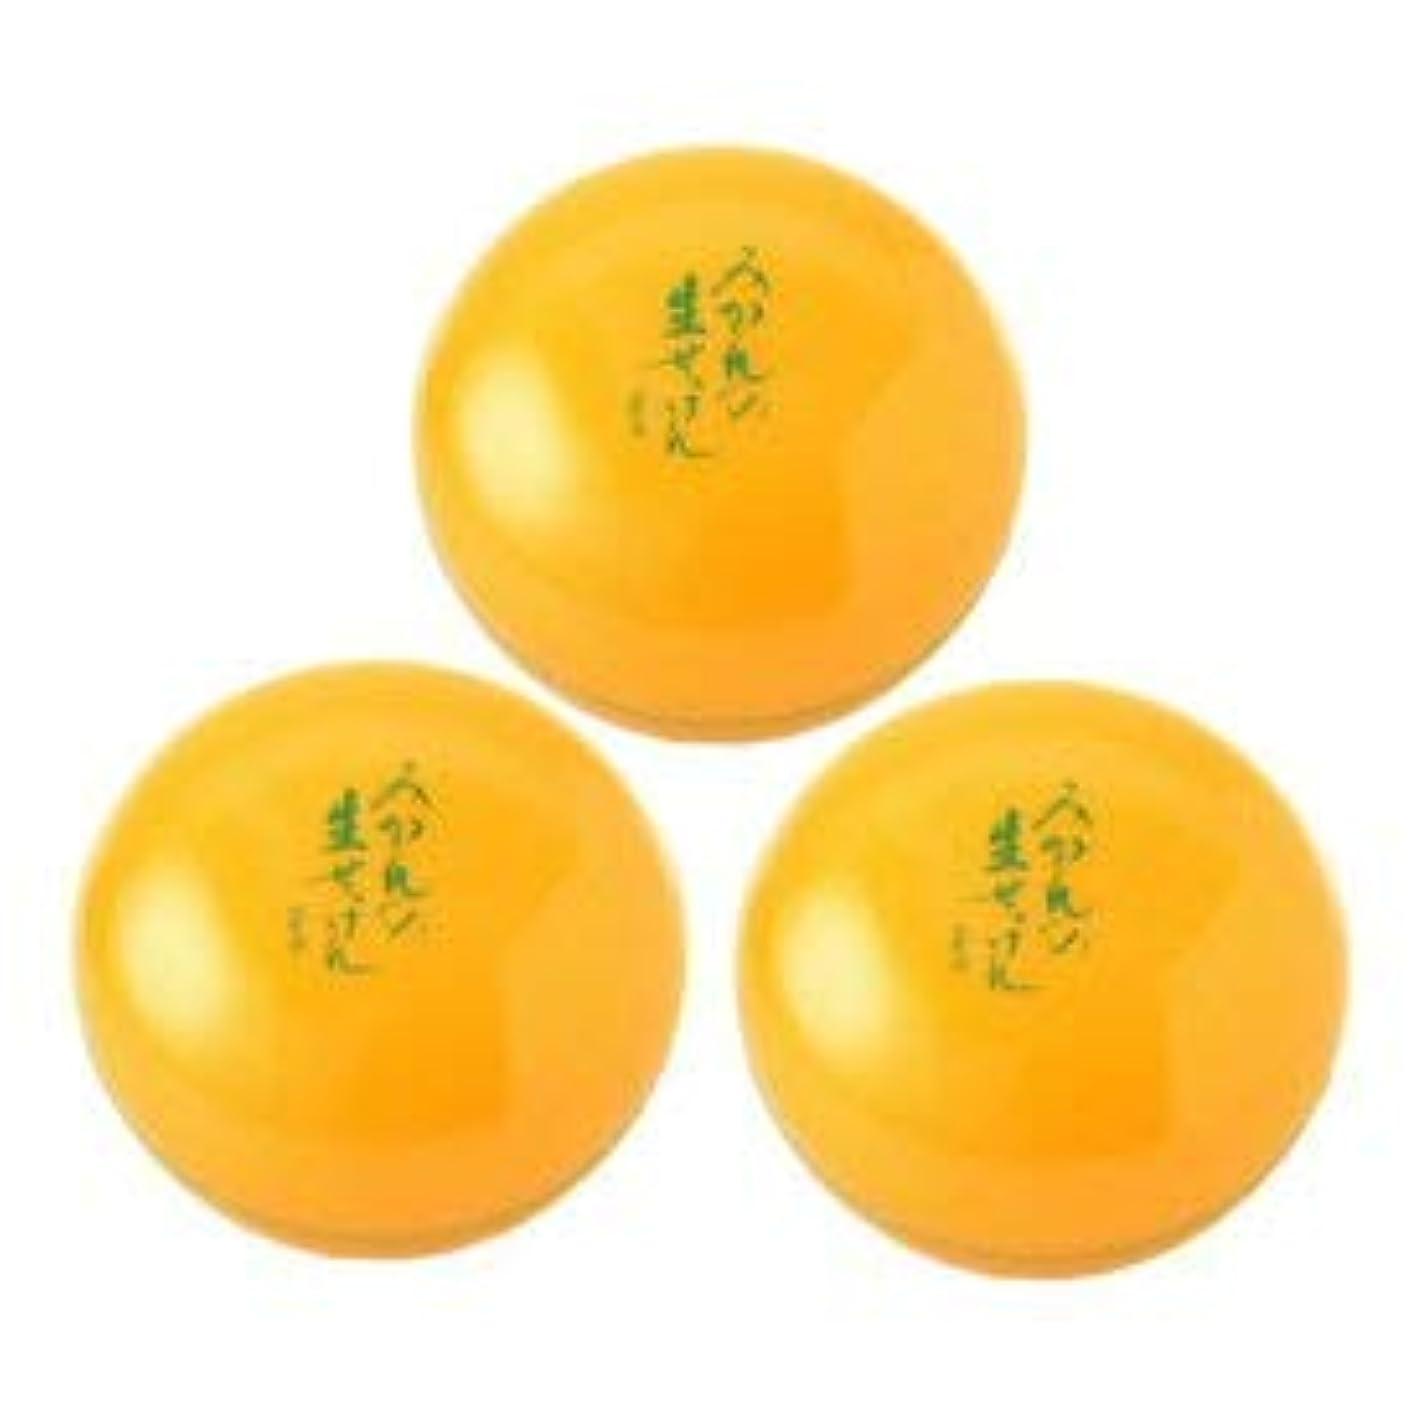 おとこ騒々しい密度UYEKI美香柑みかんの生せっけん50g×3個セット